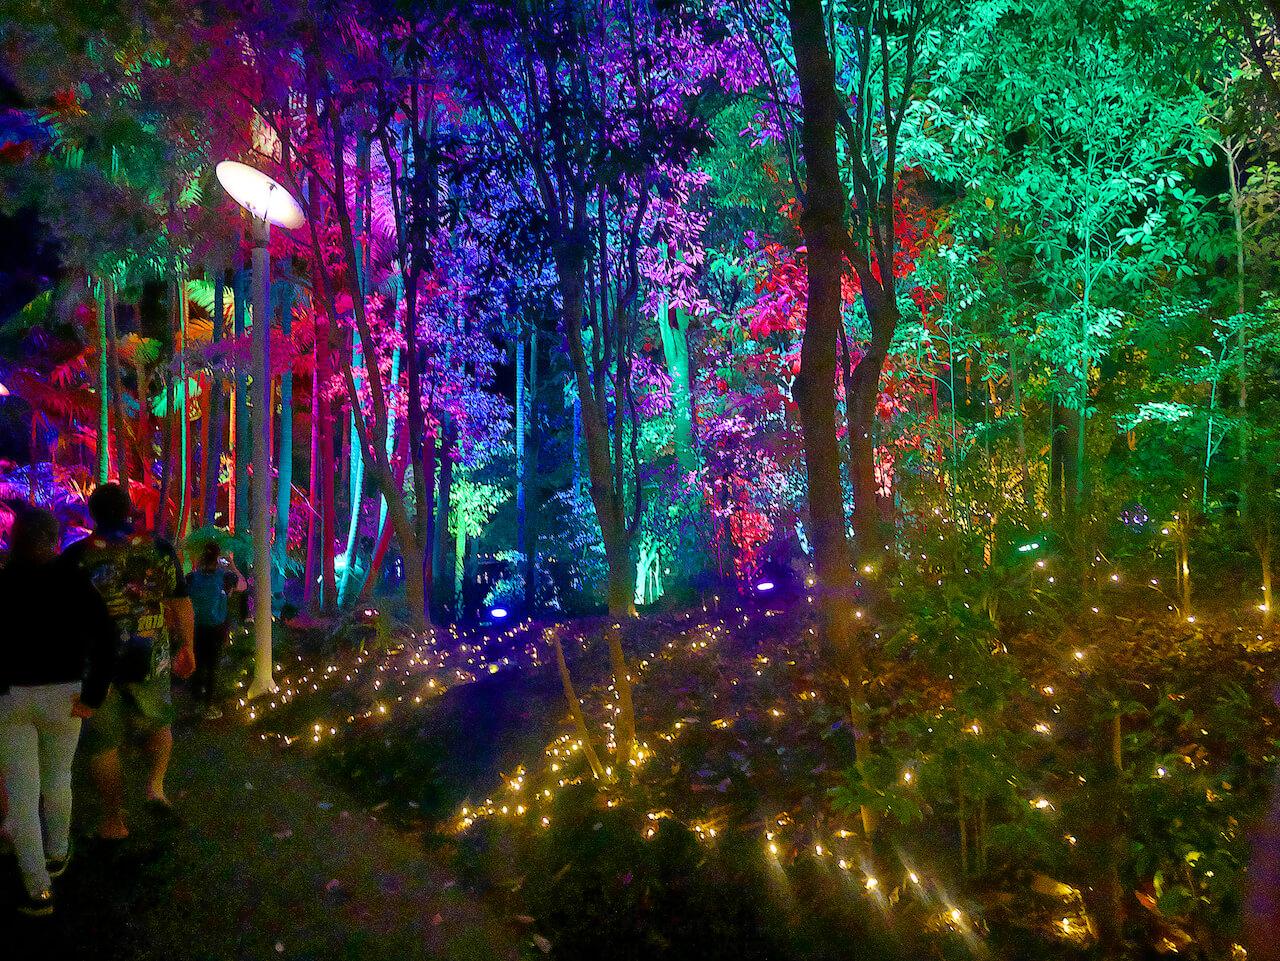 The Enchanted Garden4